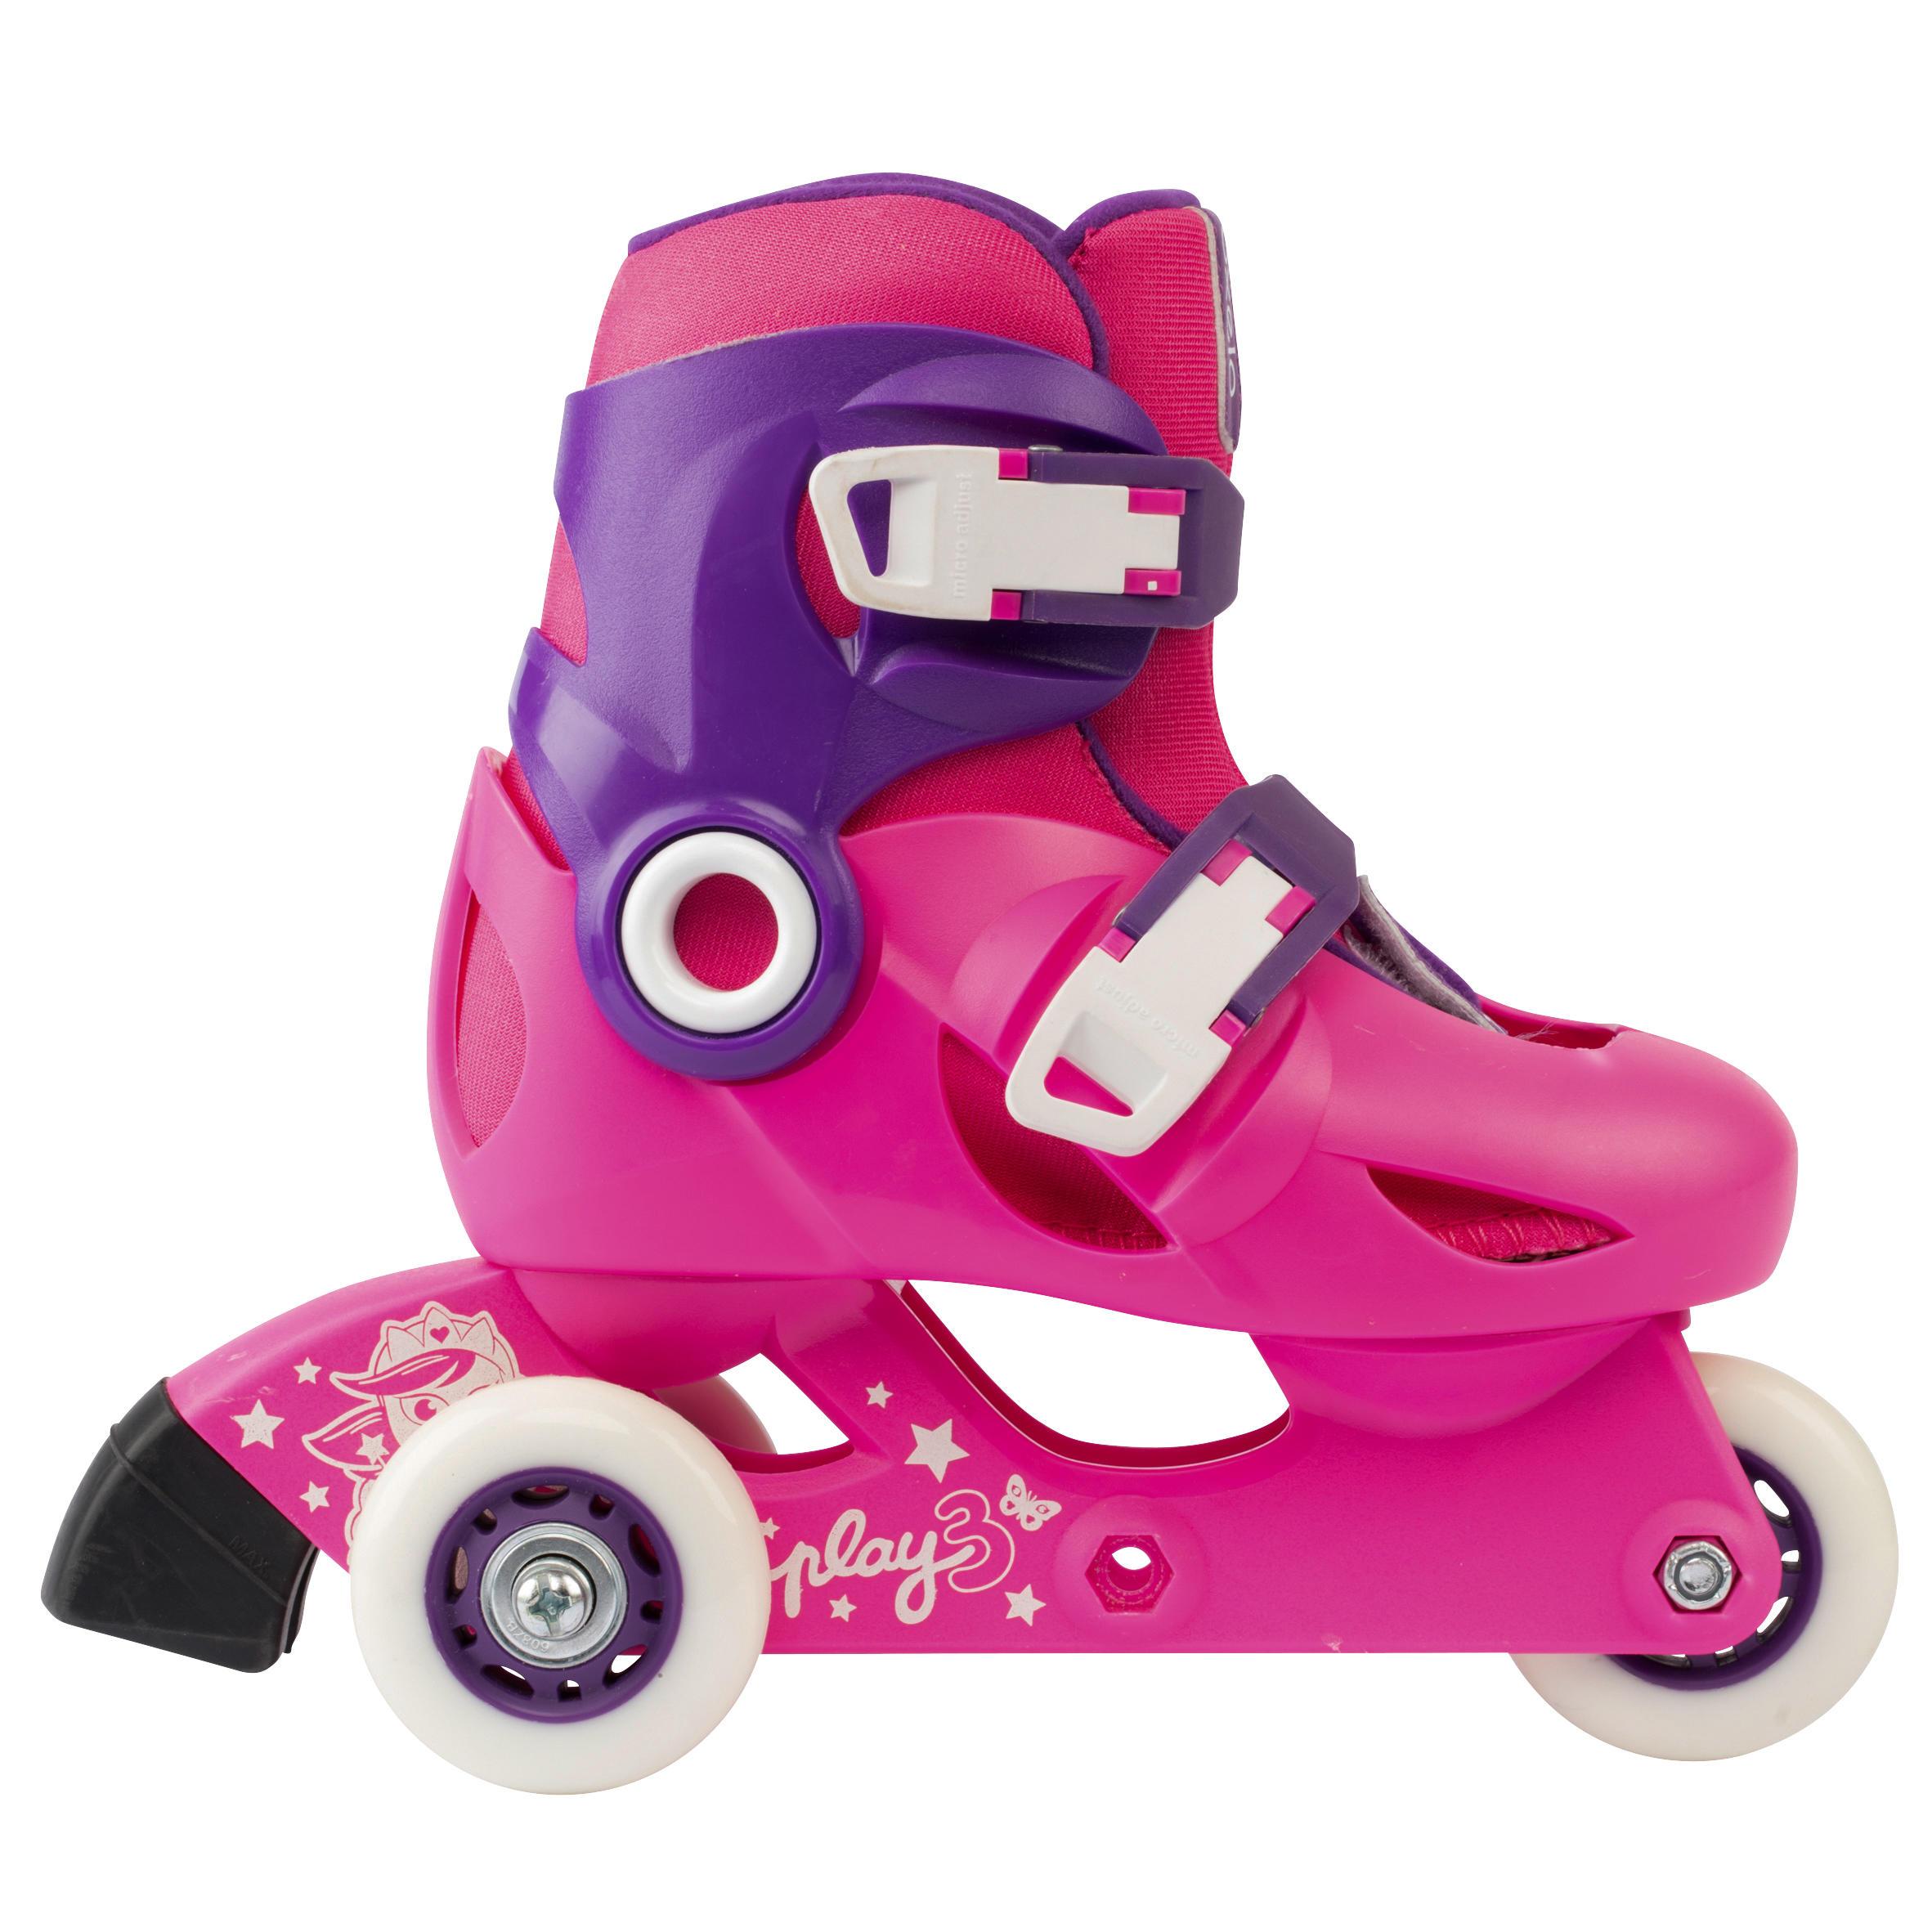 Visserie patins à roues alignées pour enfants TROUSSE STABILITÉ PLAY